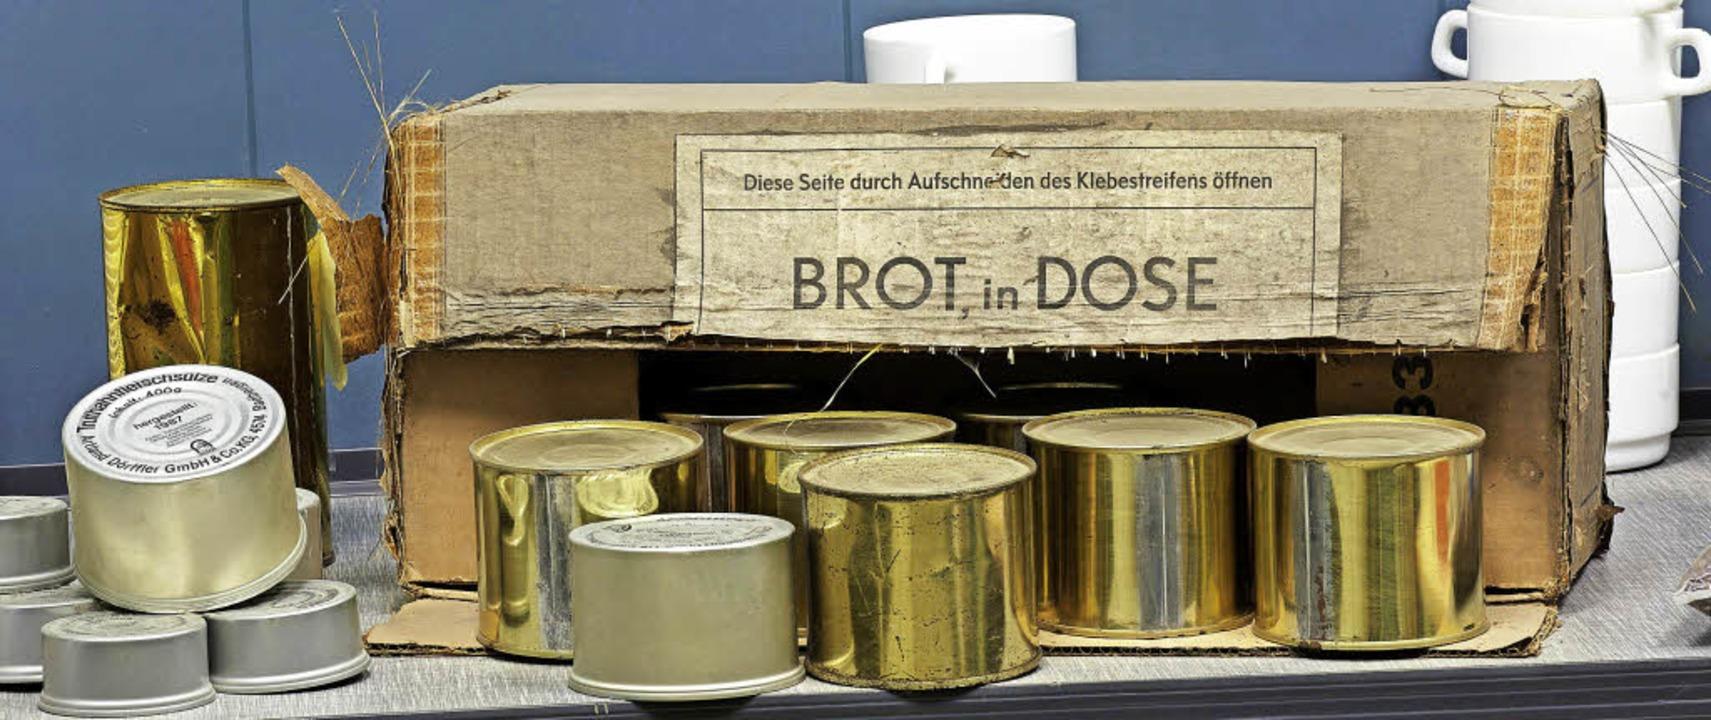 Brot aus der Dose: Notrationen von Leb... Neuenahr-Ahrweiler in Rheinland-Pfalz  | Foto: dpa